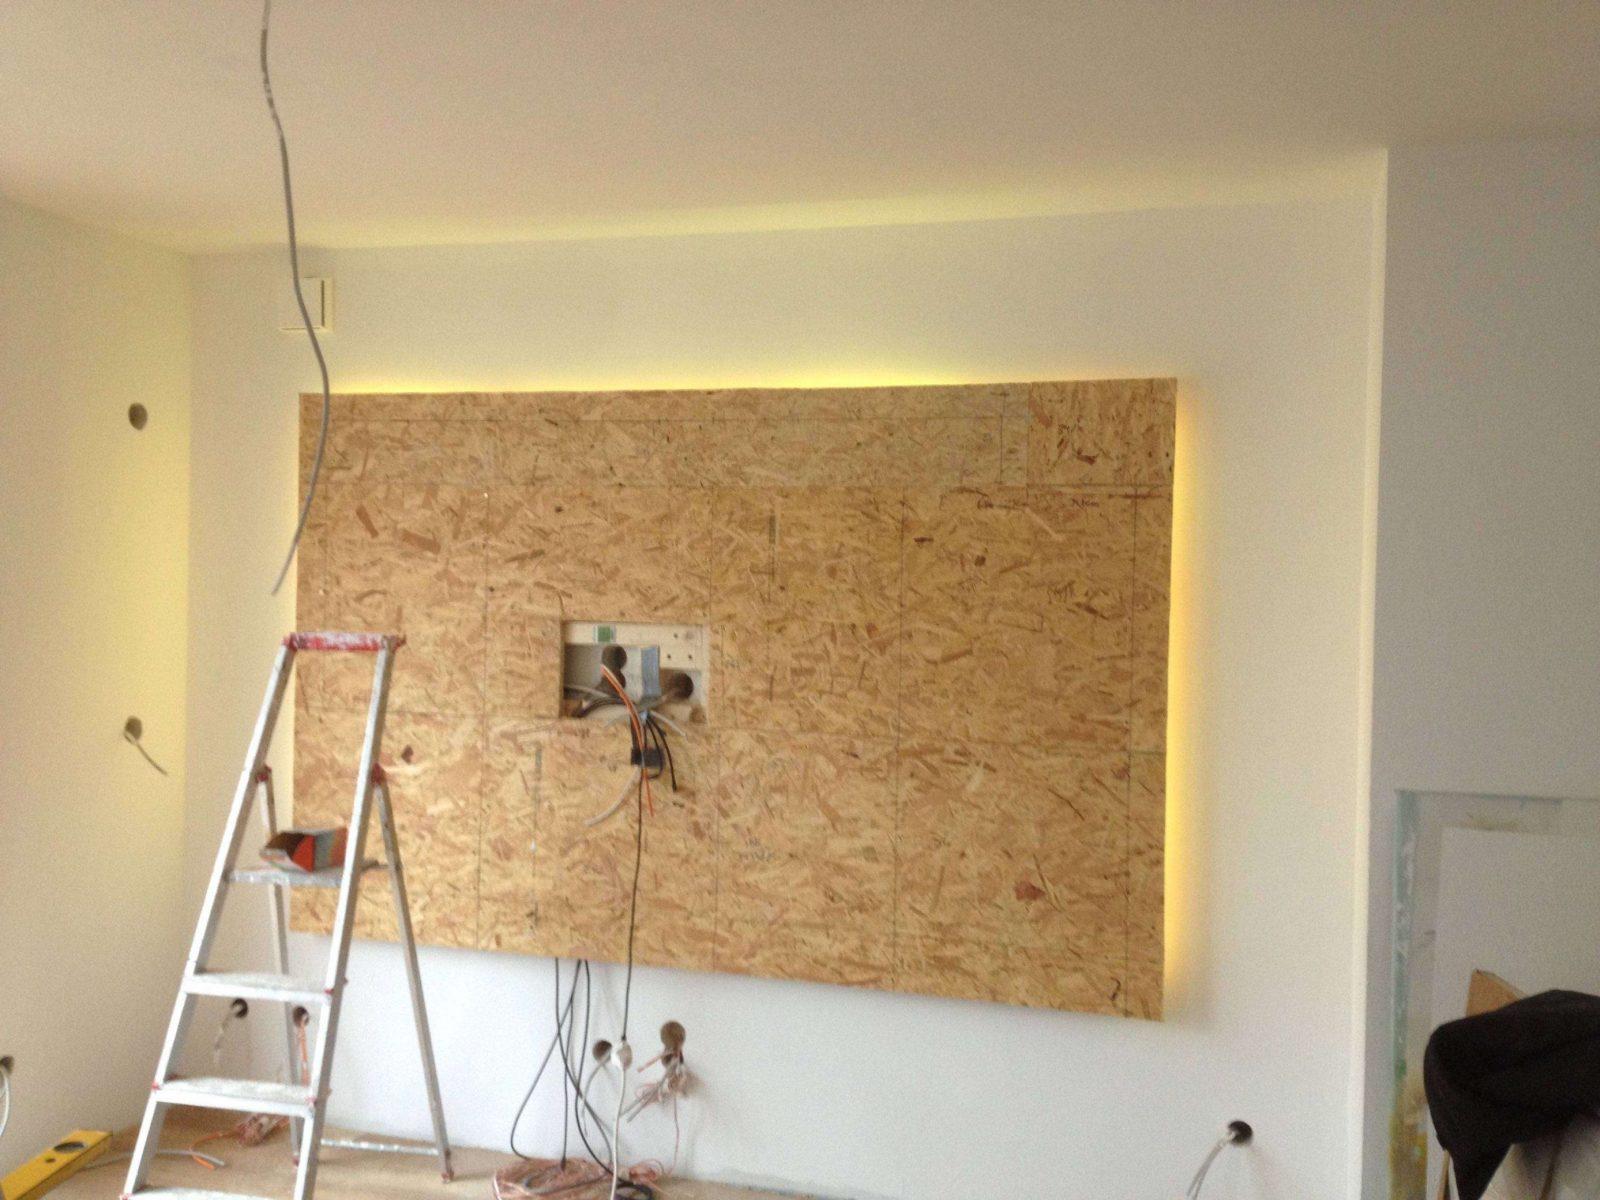 Indirekte Beleuchtung Wohnzimmer Selber Bauen 93 Von Inspiration Von von Indirekte Beleuchtung Wohnzimmer Selber Bauen Bild